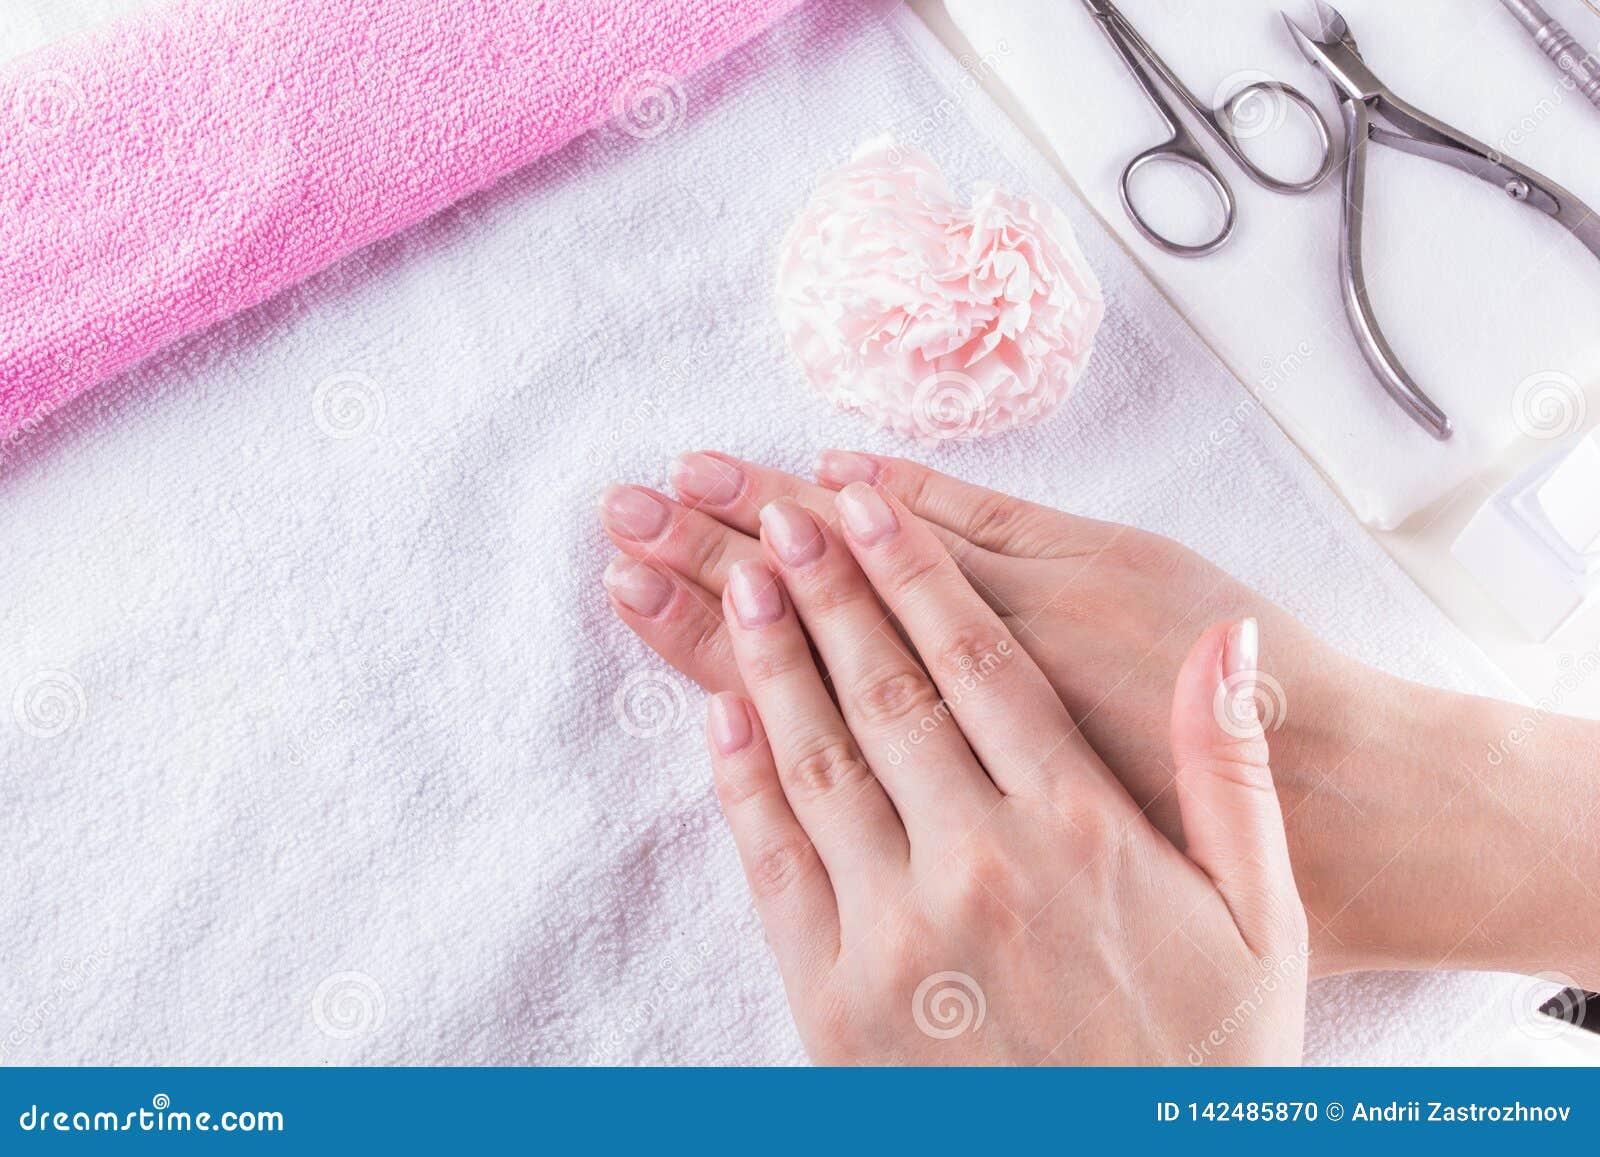 Close up disparado das mãos fêmeas com tratamento de mãos francês em uma toalha, grupo de tratamento de mãos